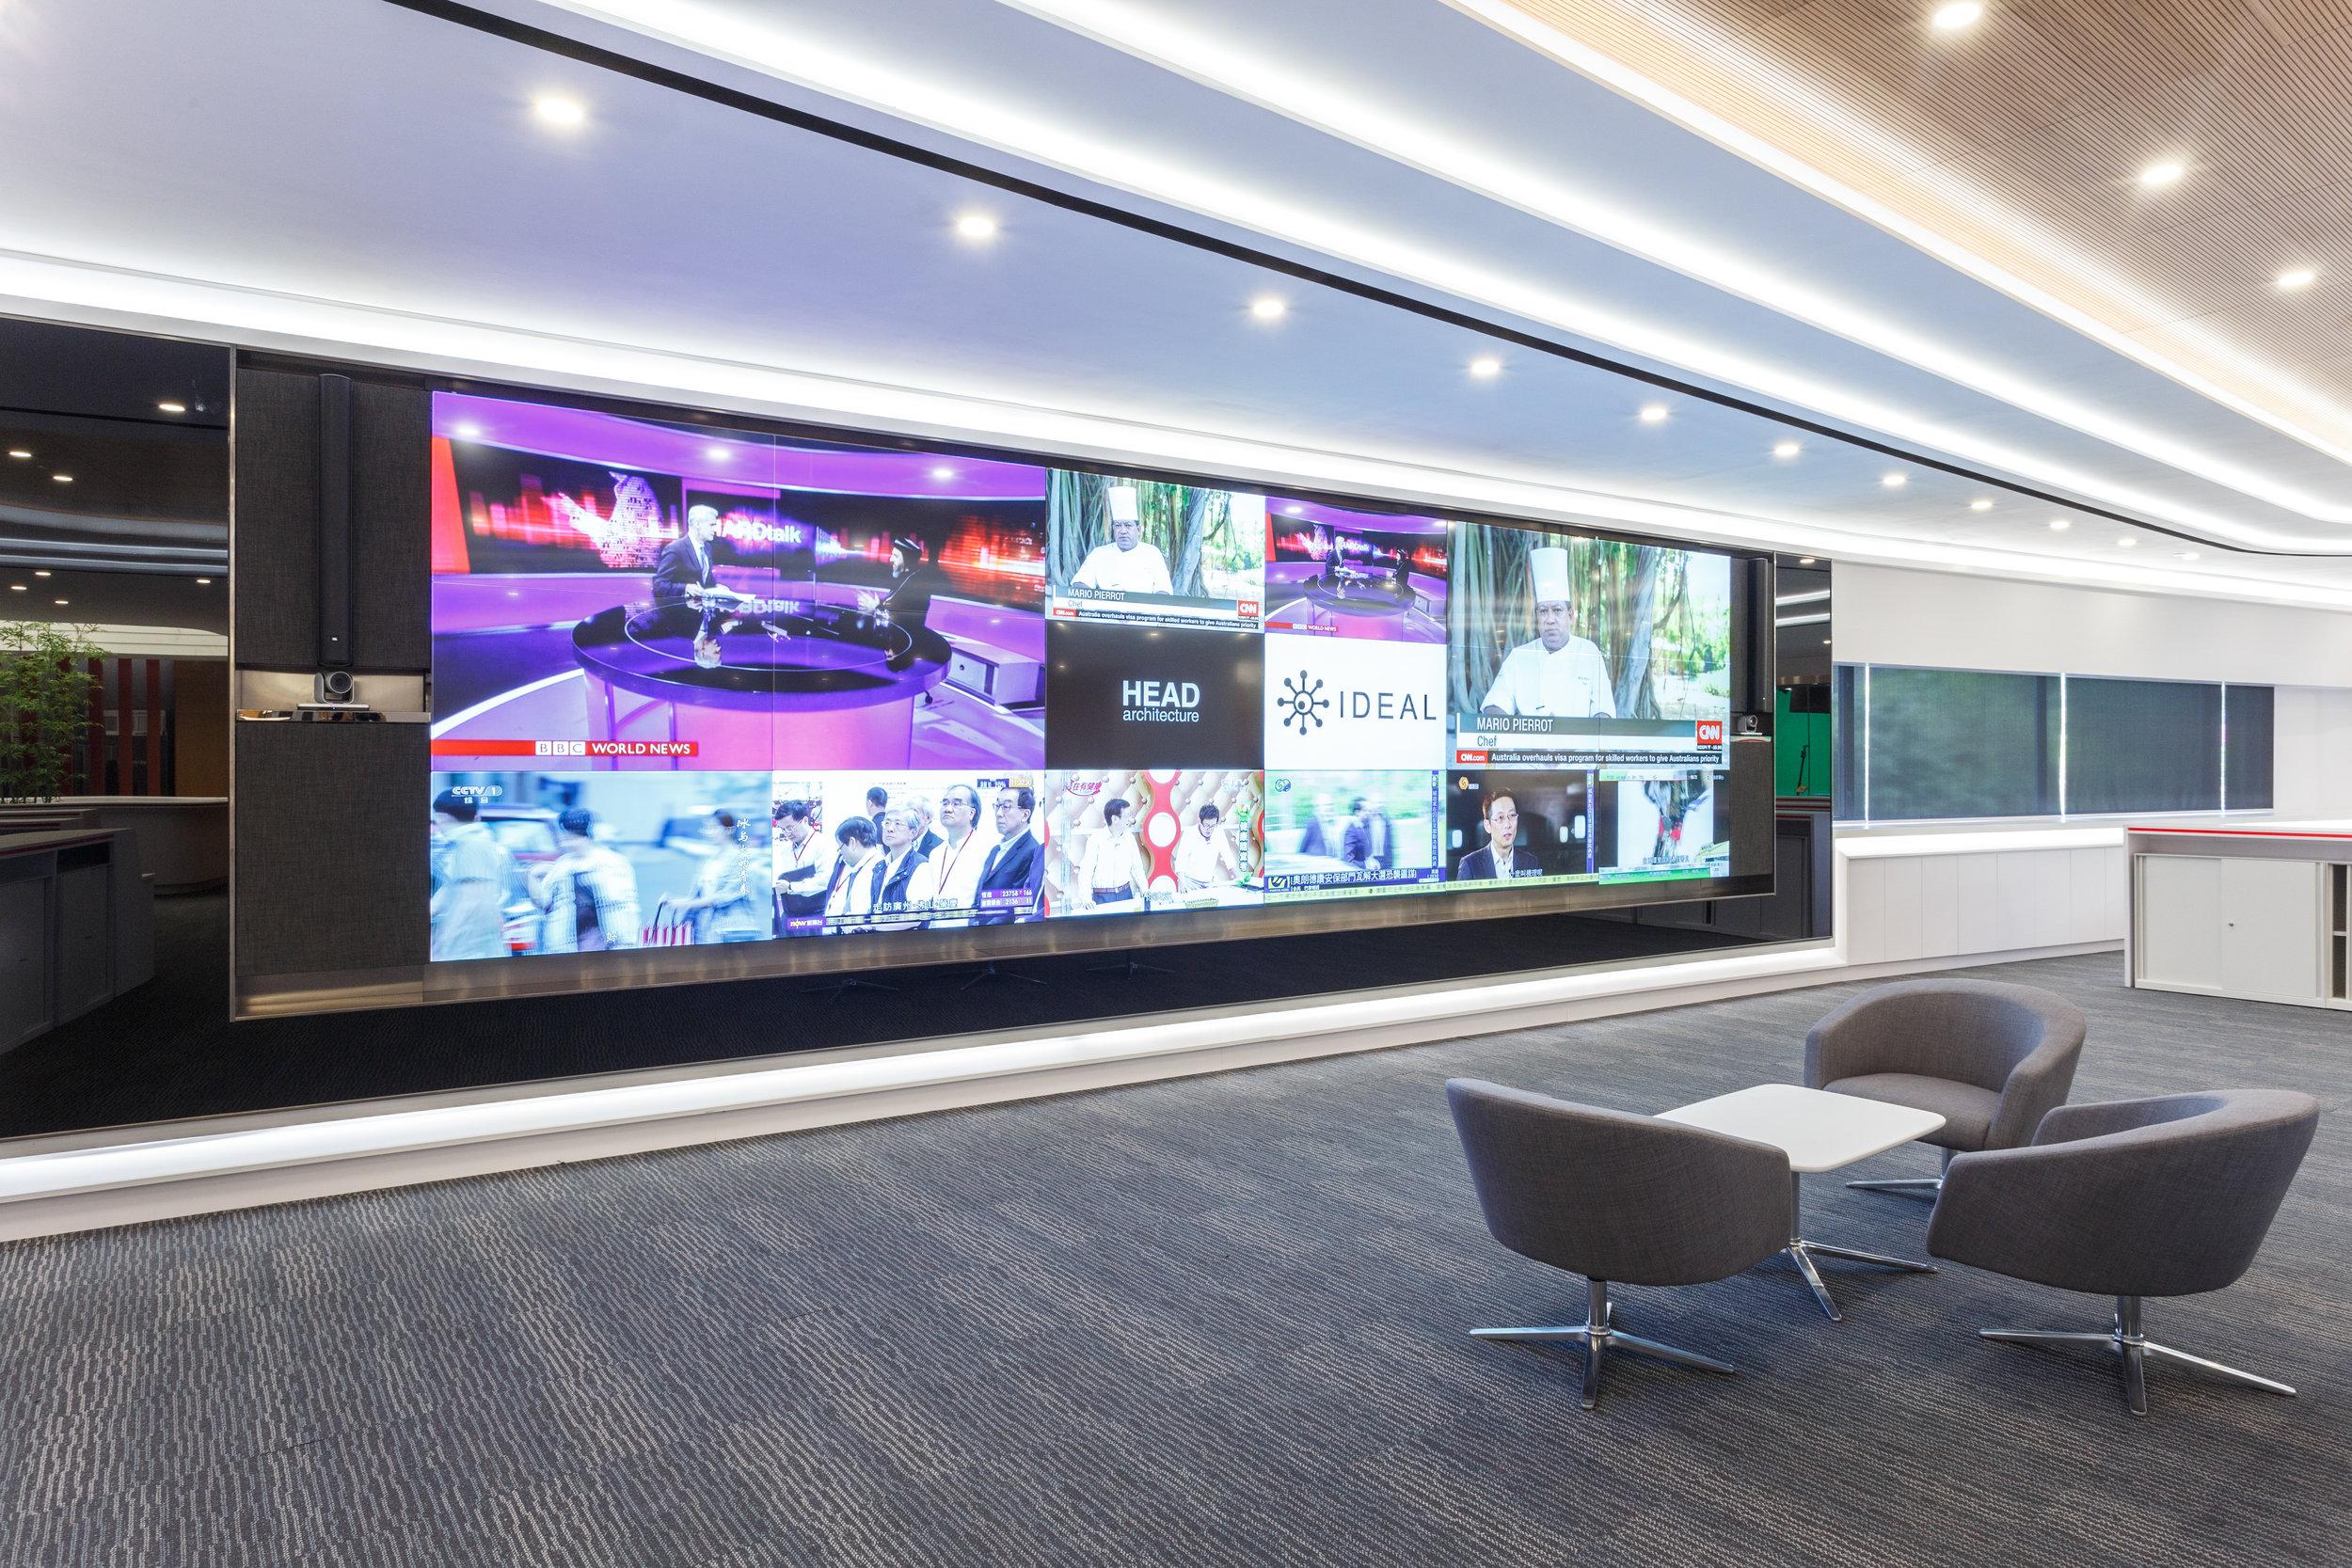 IDEAL's AV project - LCD Wall